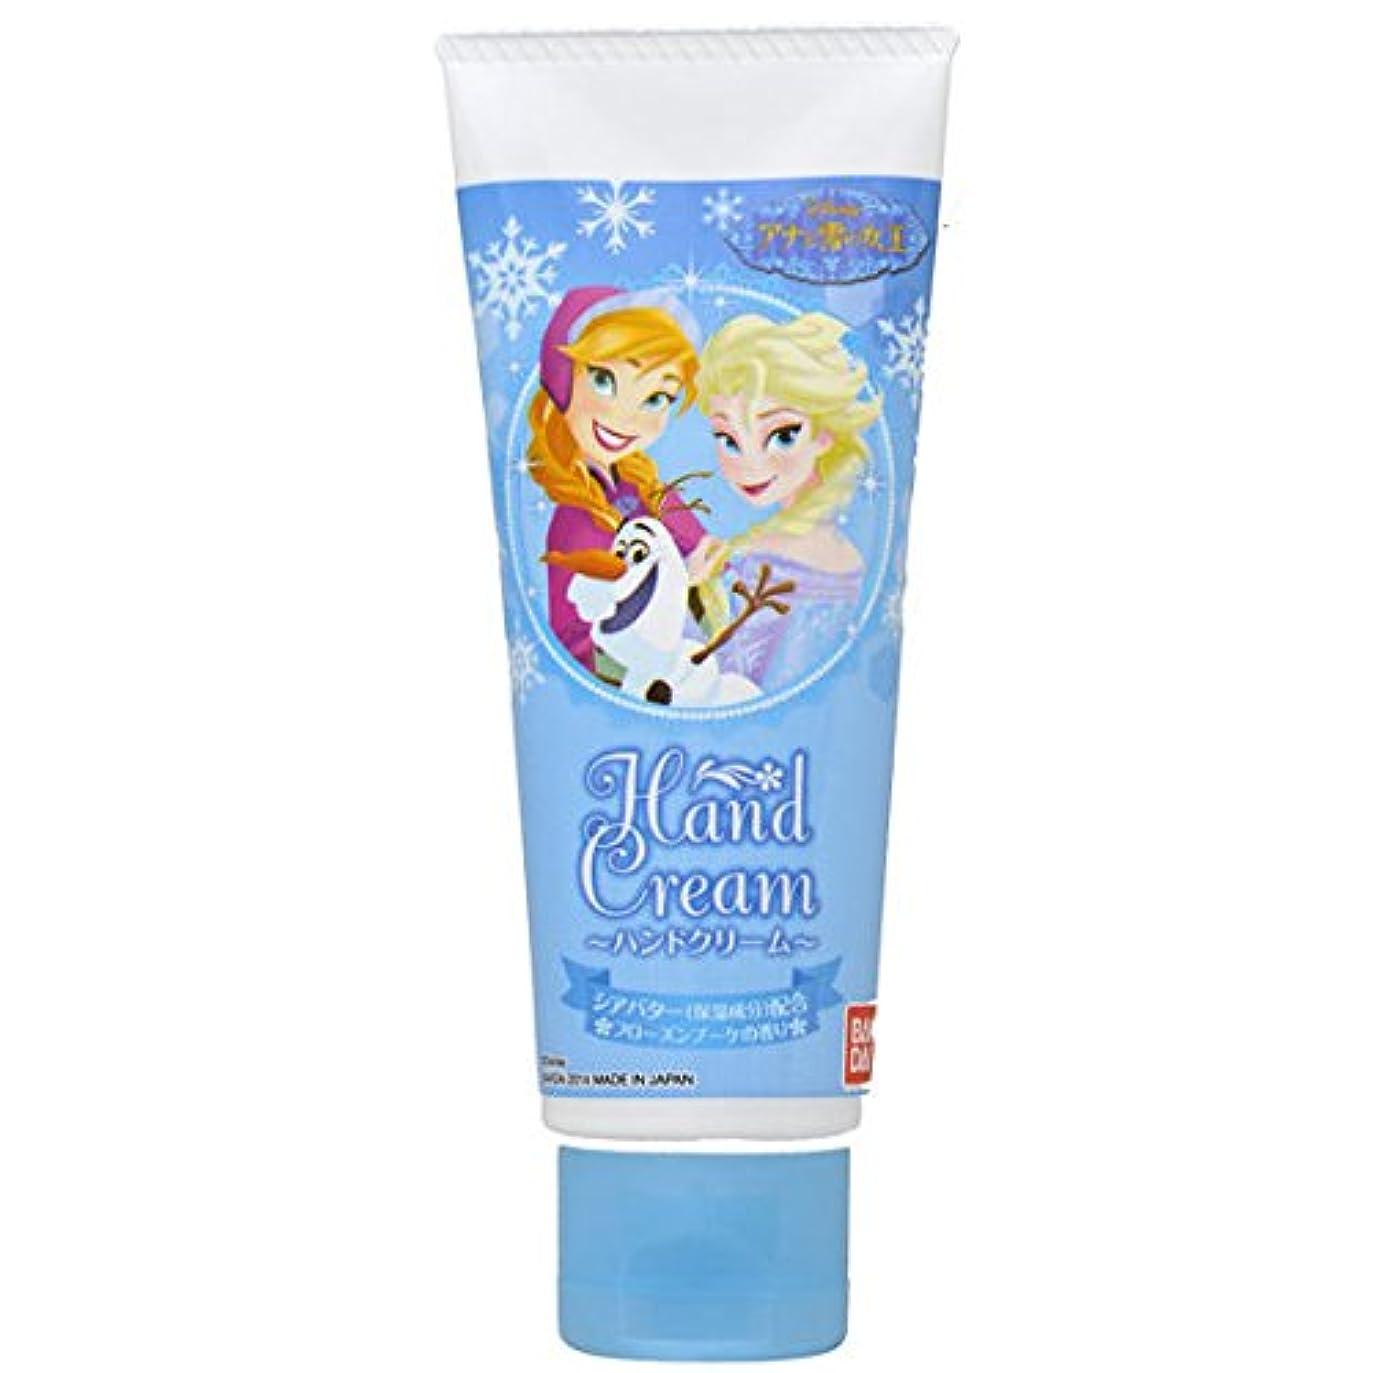 ビュッフェお酢青写真アナと雪の女王 ハンドクリーム 60g